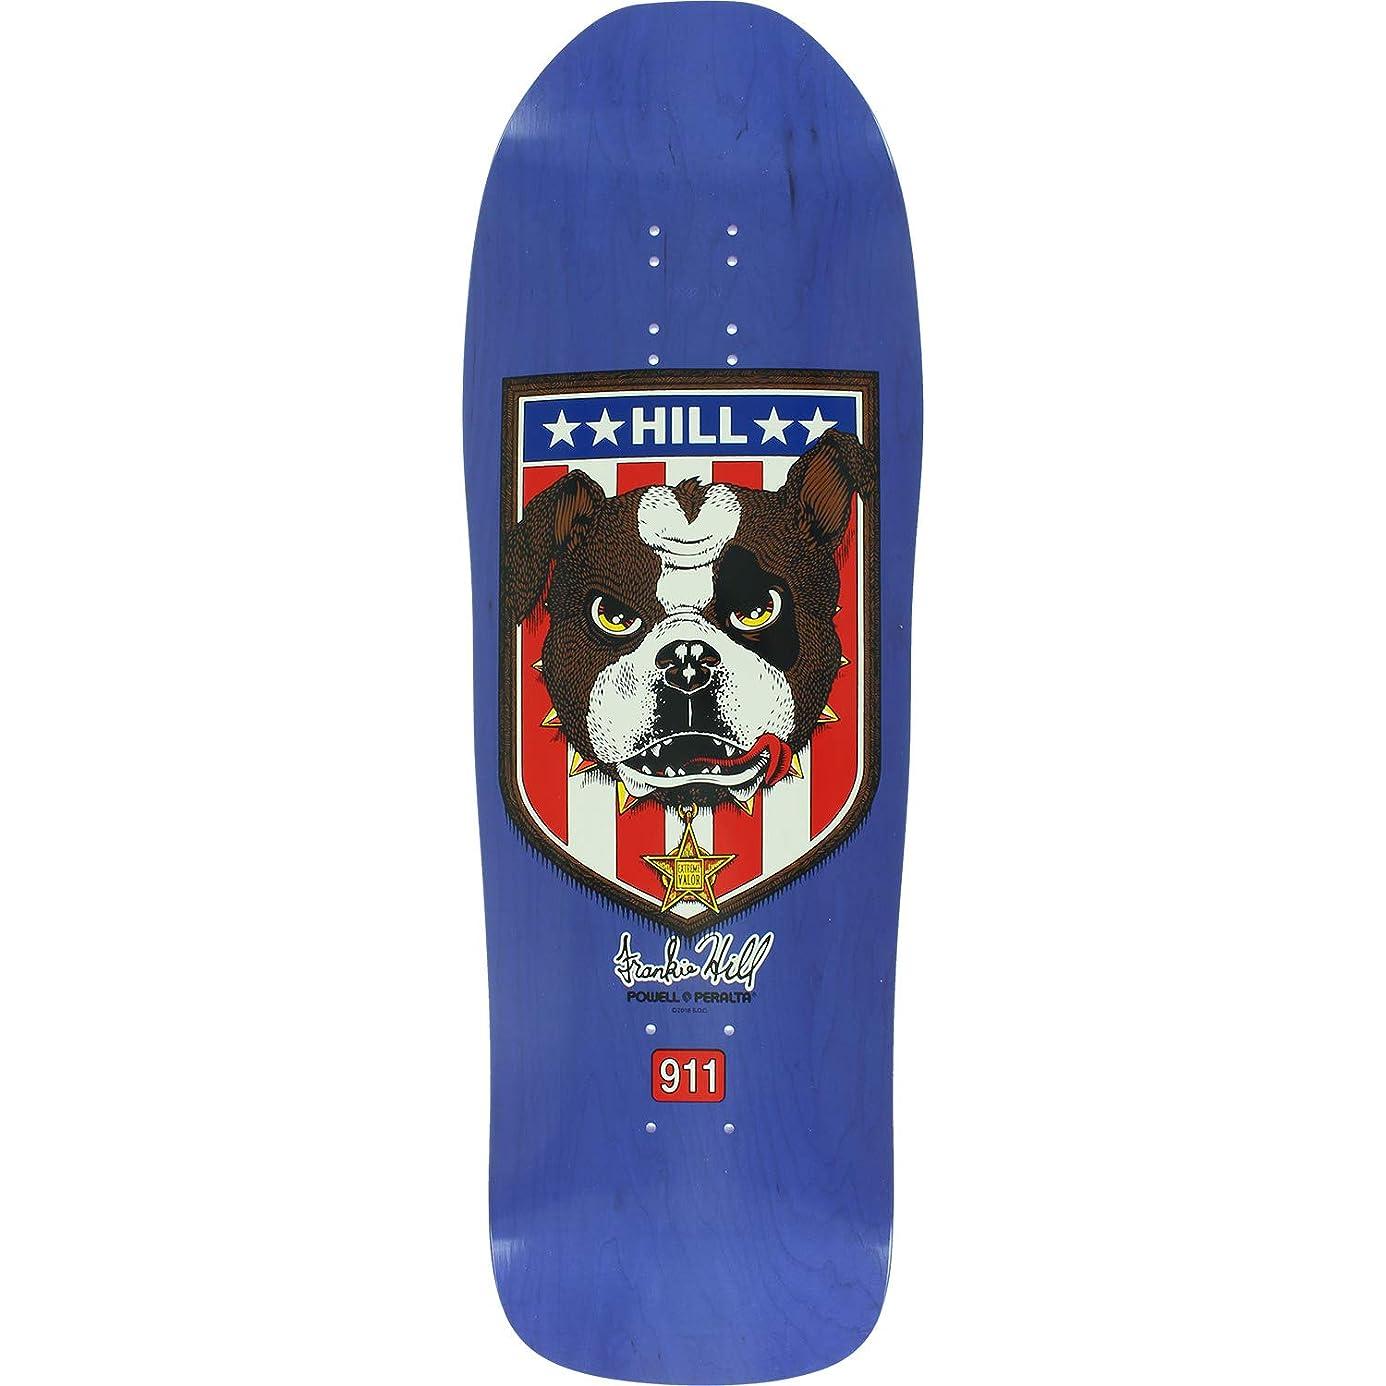 Powell Peralta Hill Bulldog Skate DECK-10x31.5 Purple Stain w/Mob Grip